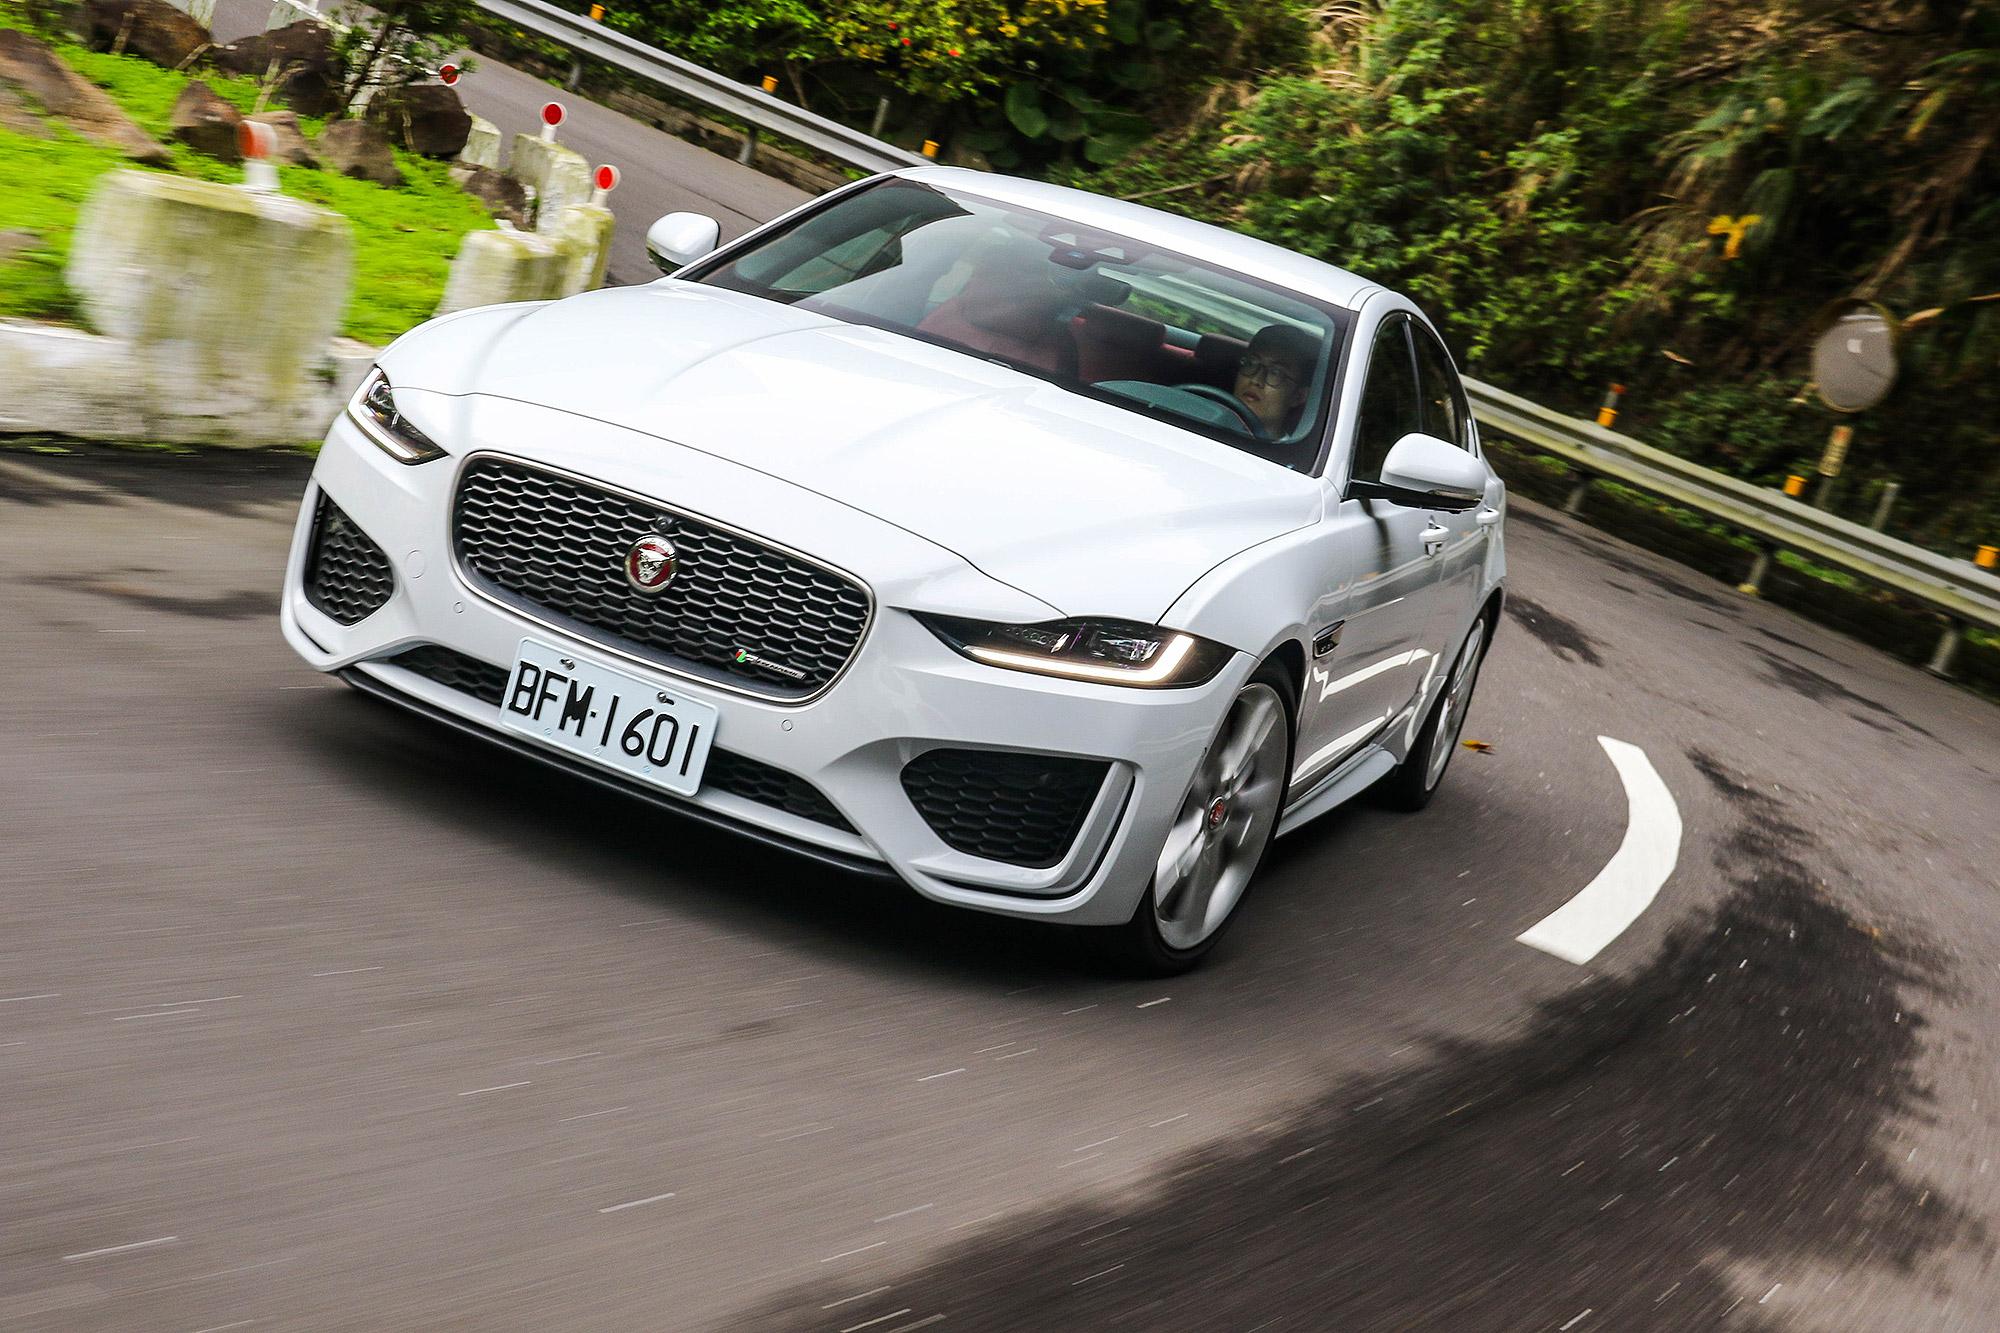 4 缸動力更輕盈的車頭重量,讓 XE 有更均衡的操控表現。